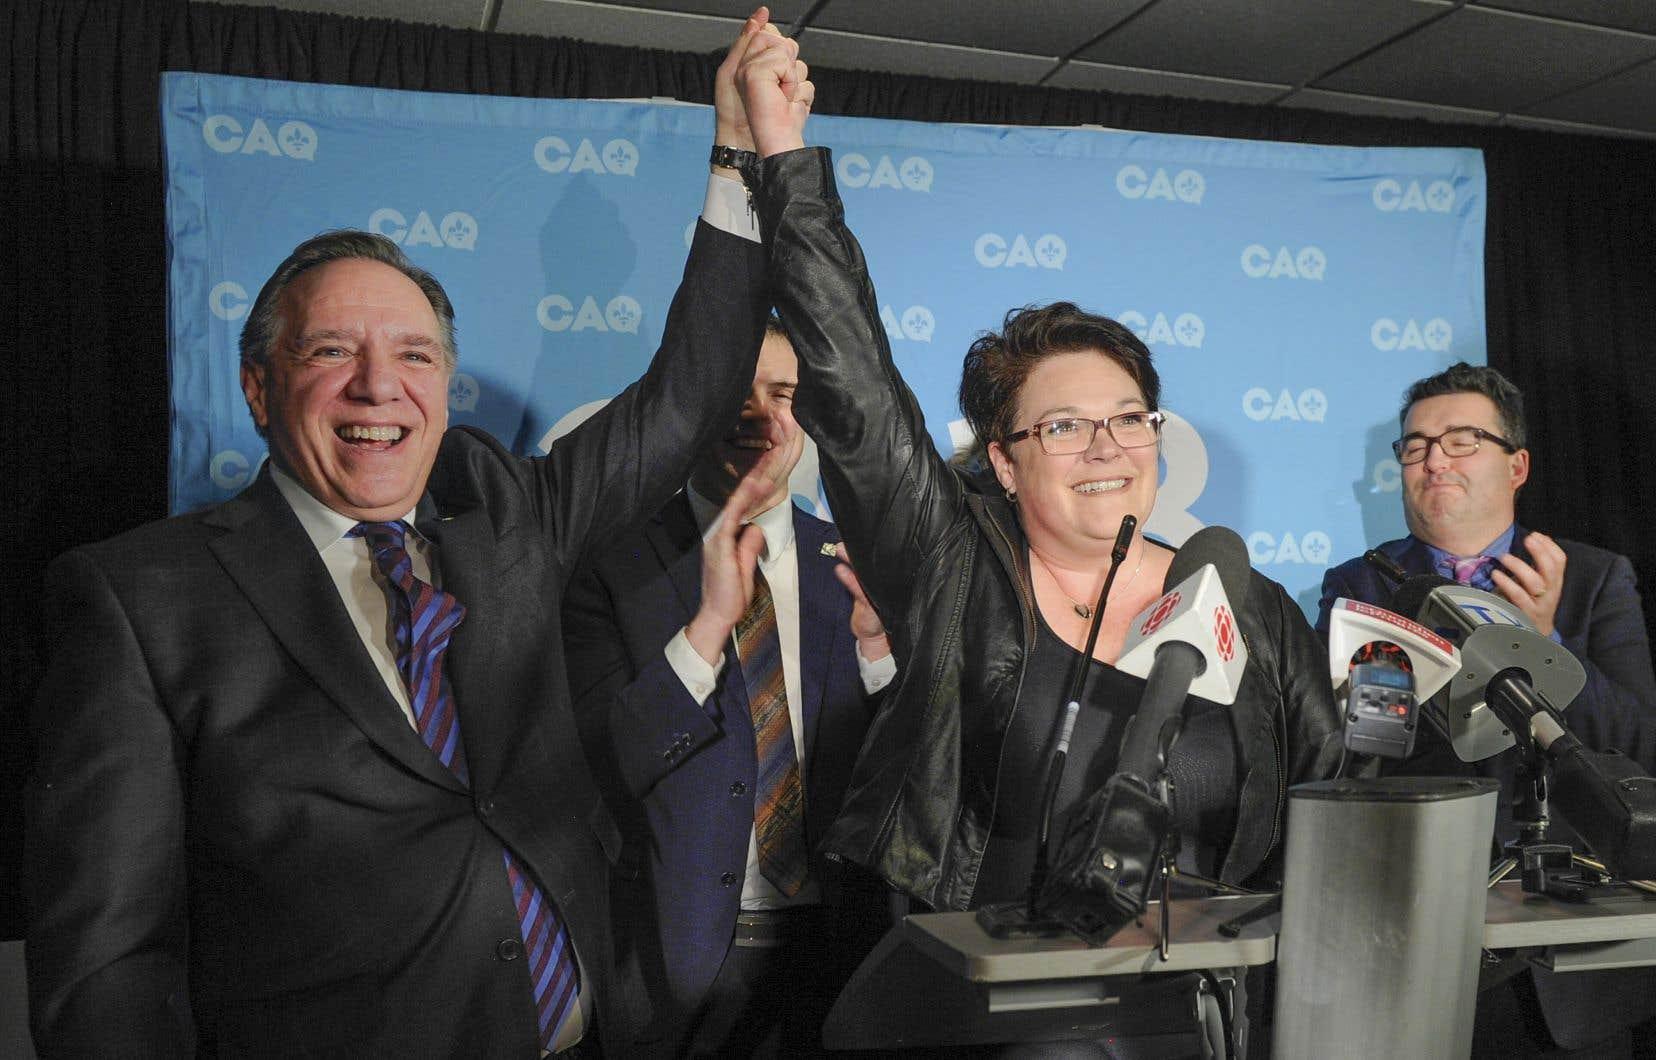 Les électeurs de Roberval ont appuyé fortement Nancy Guillemette, qui briguait les suffrages sous la bannière de la Coalition avenir Québec, lundi.